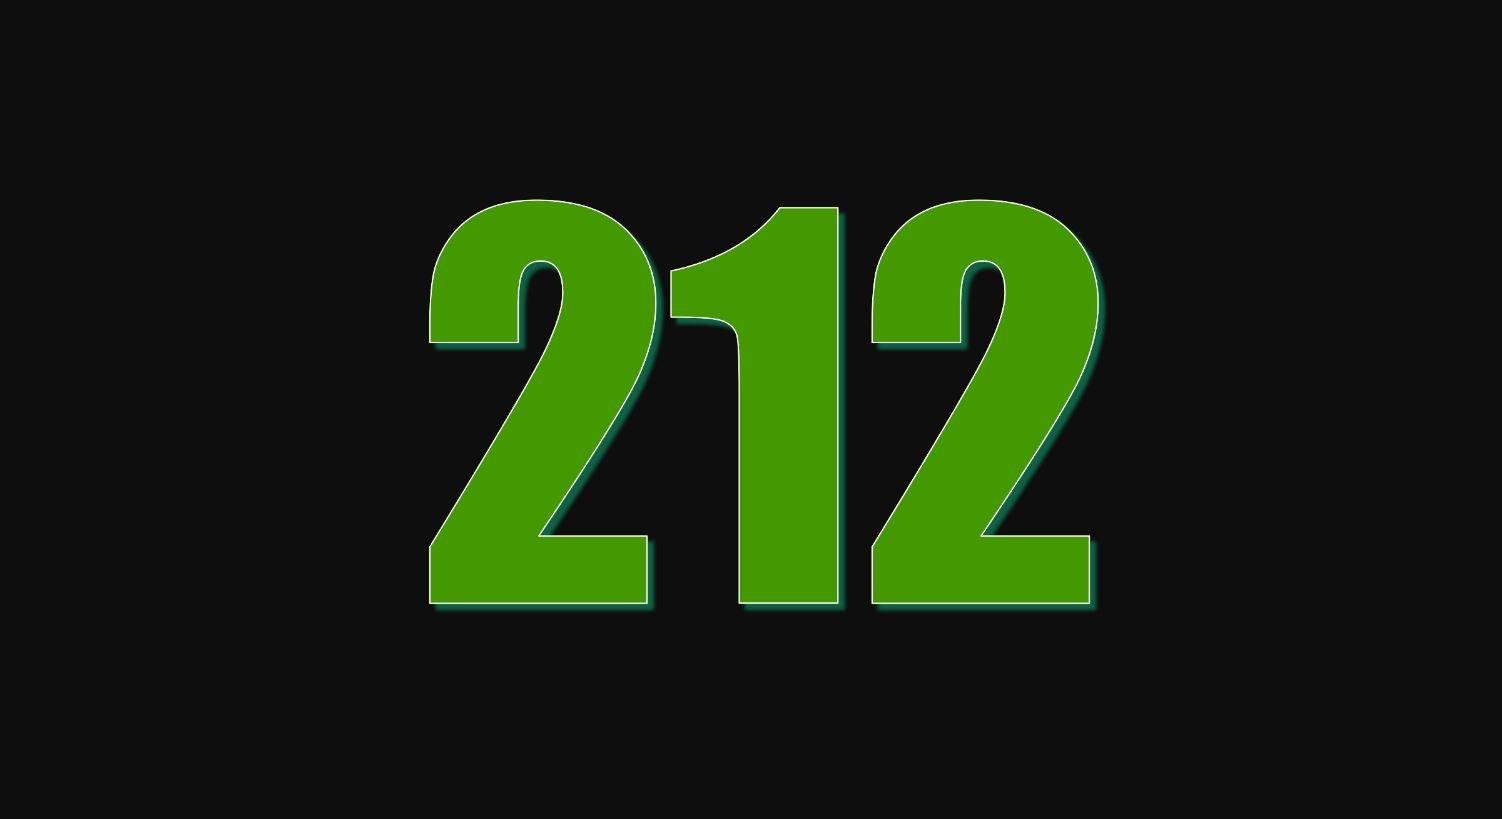 Significado do número 212